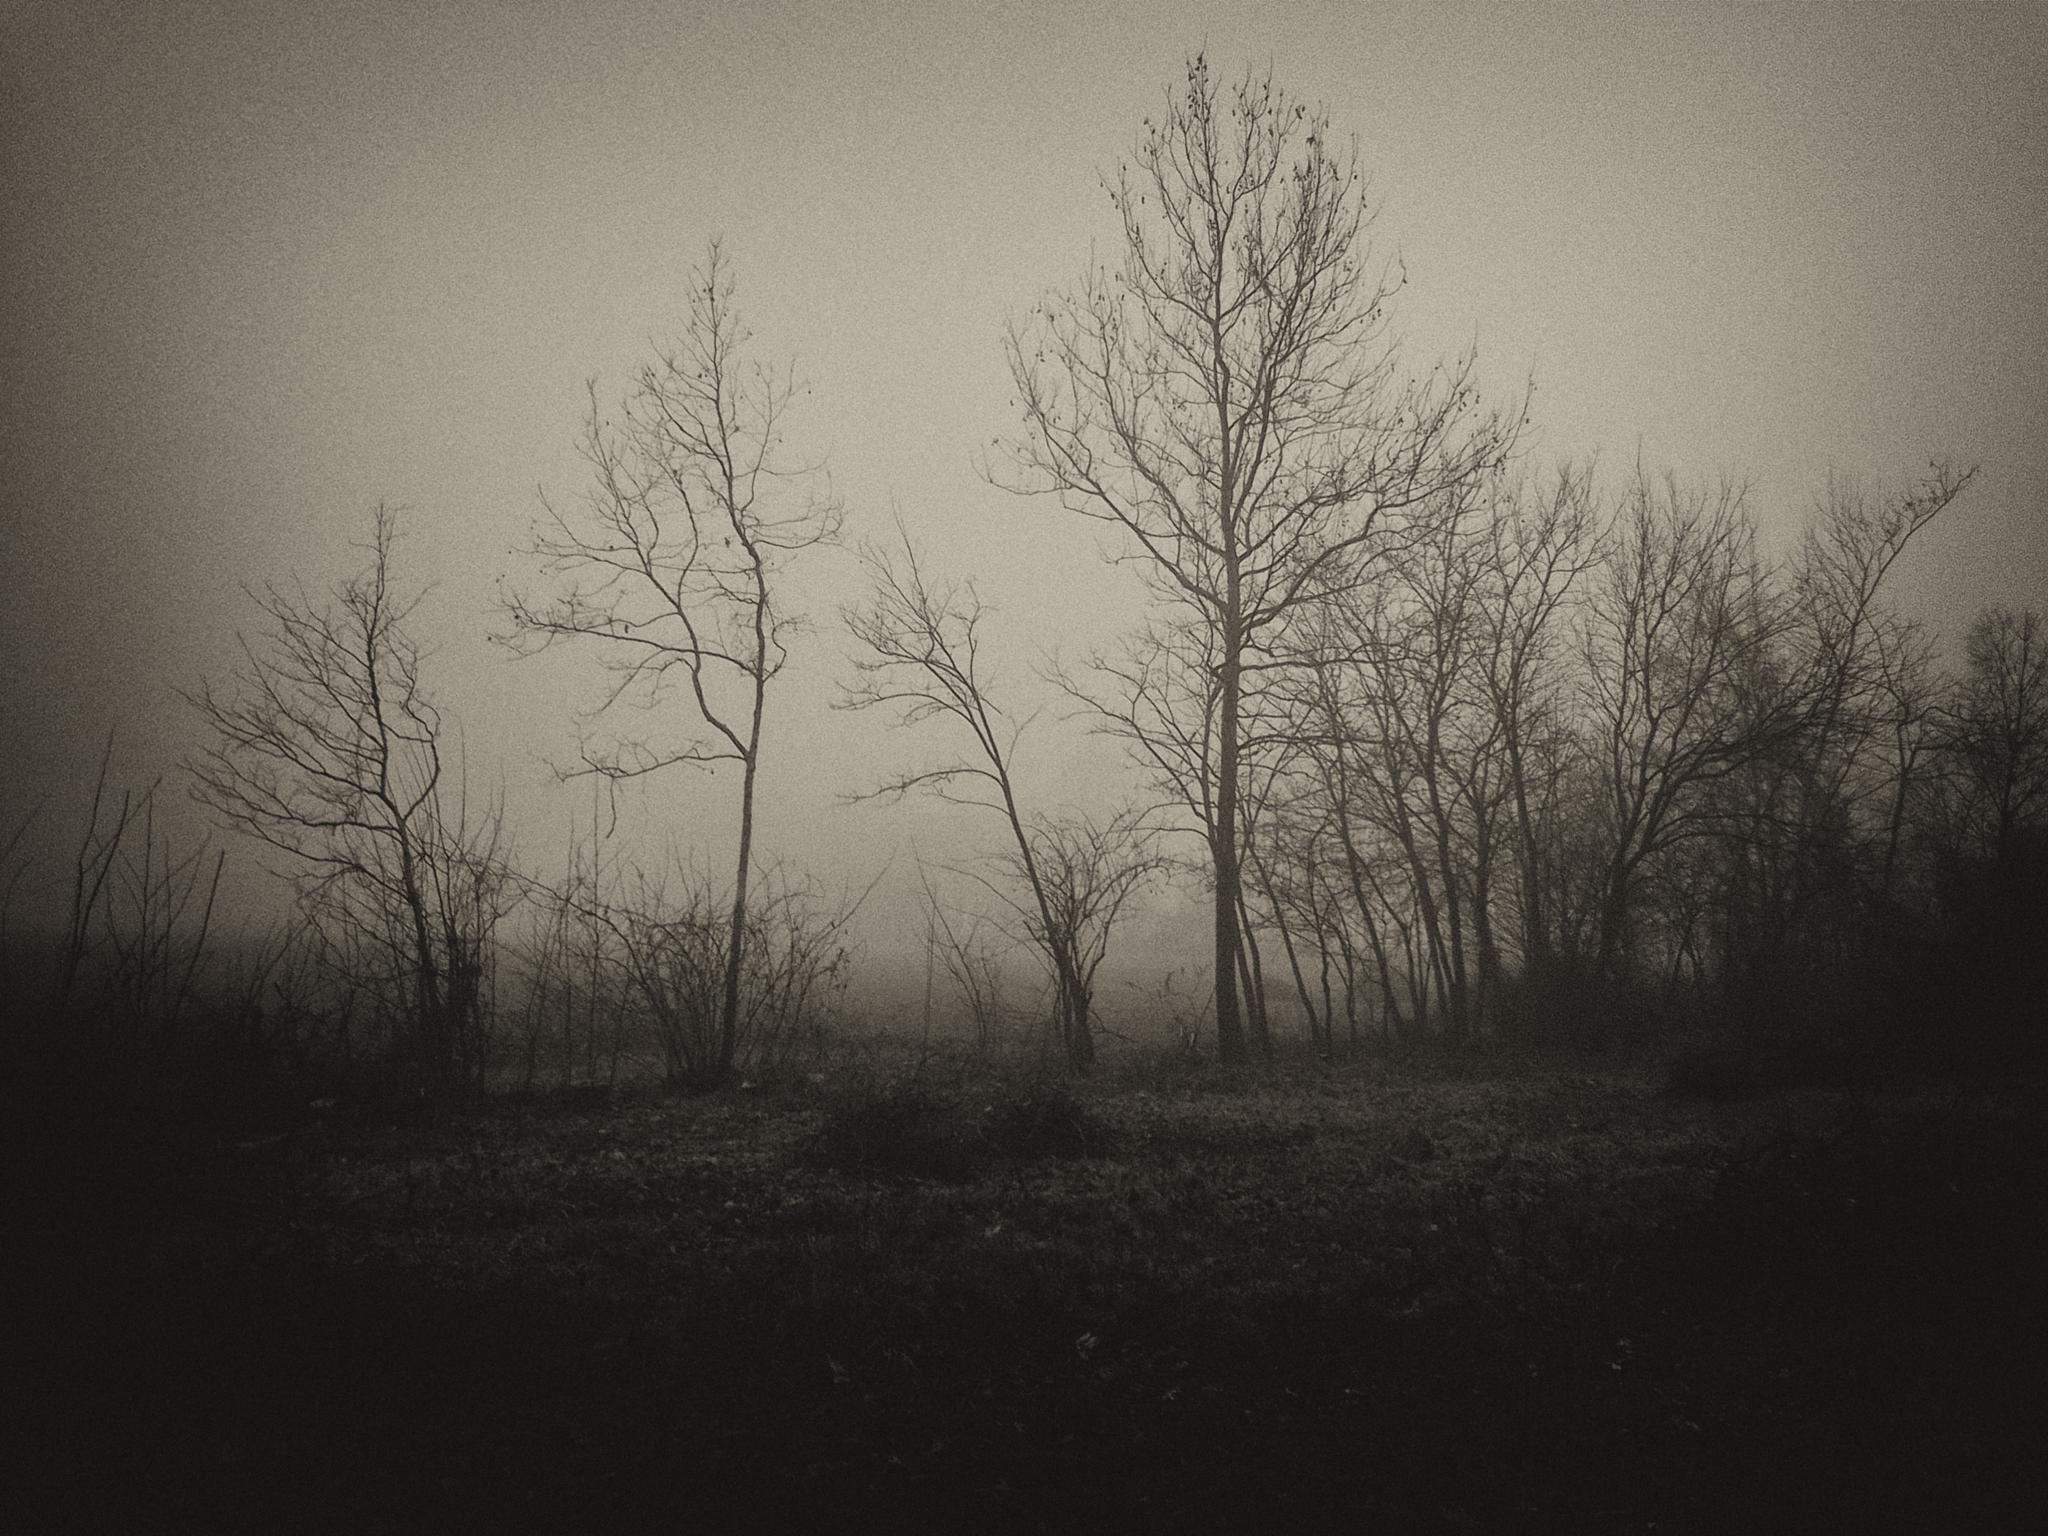 Solitude by Nazzareno Gritti